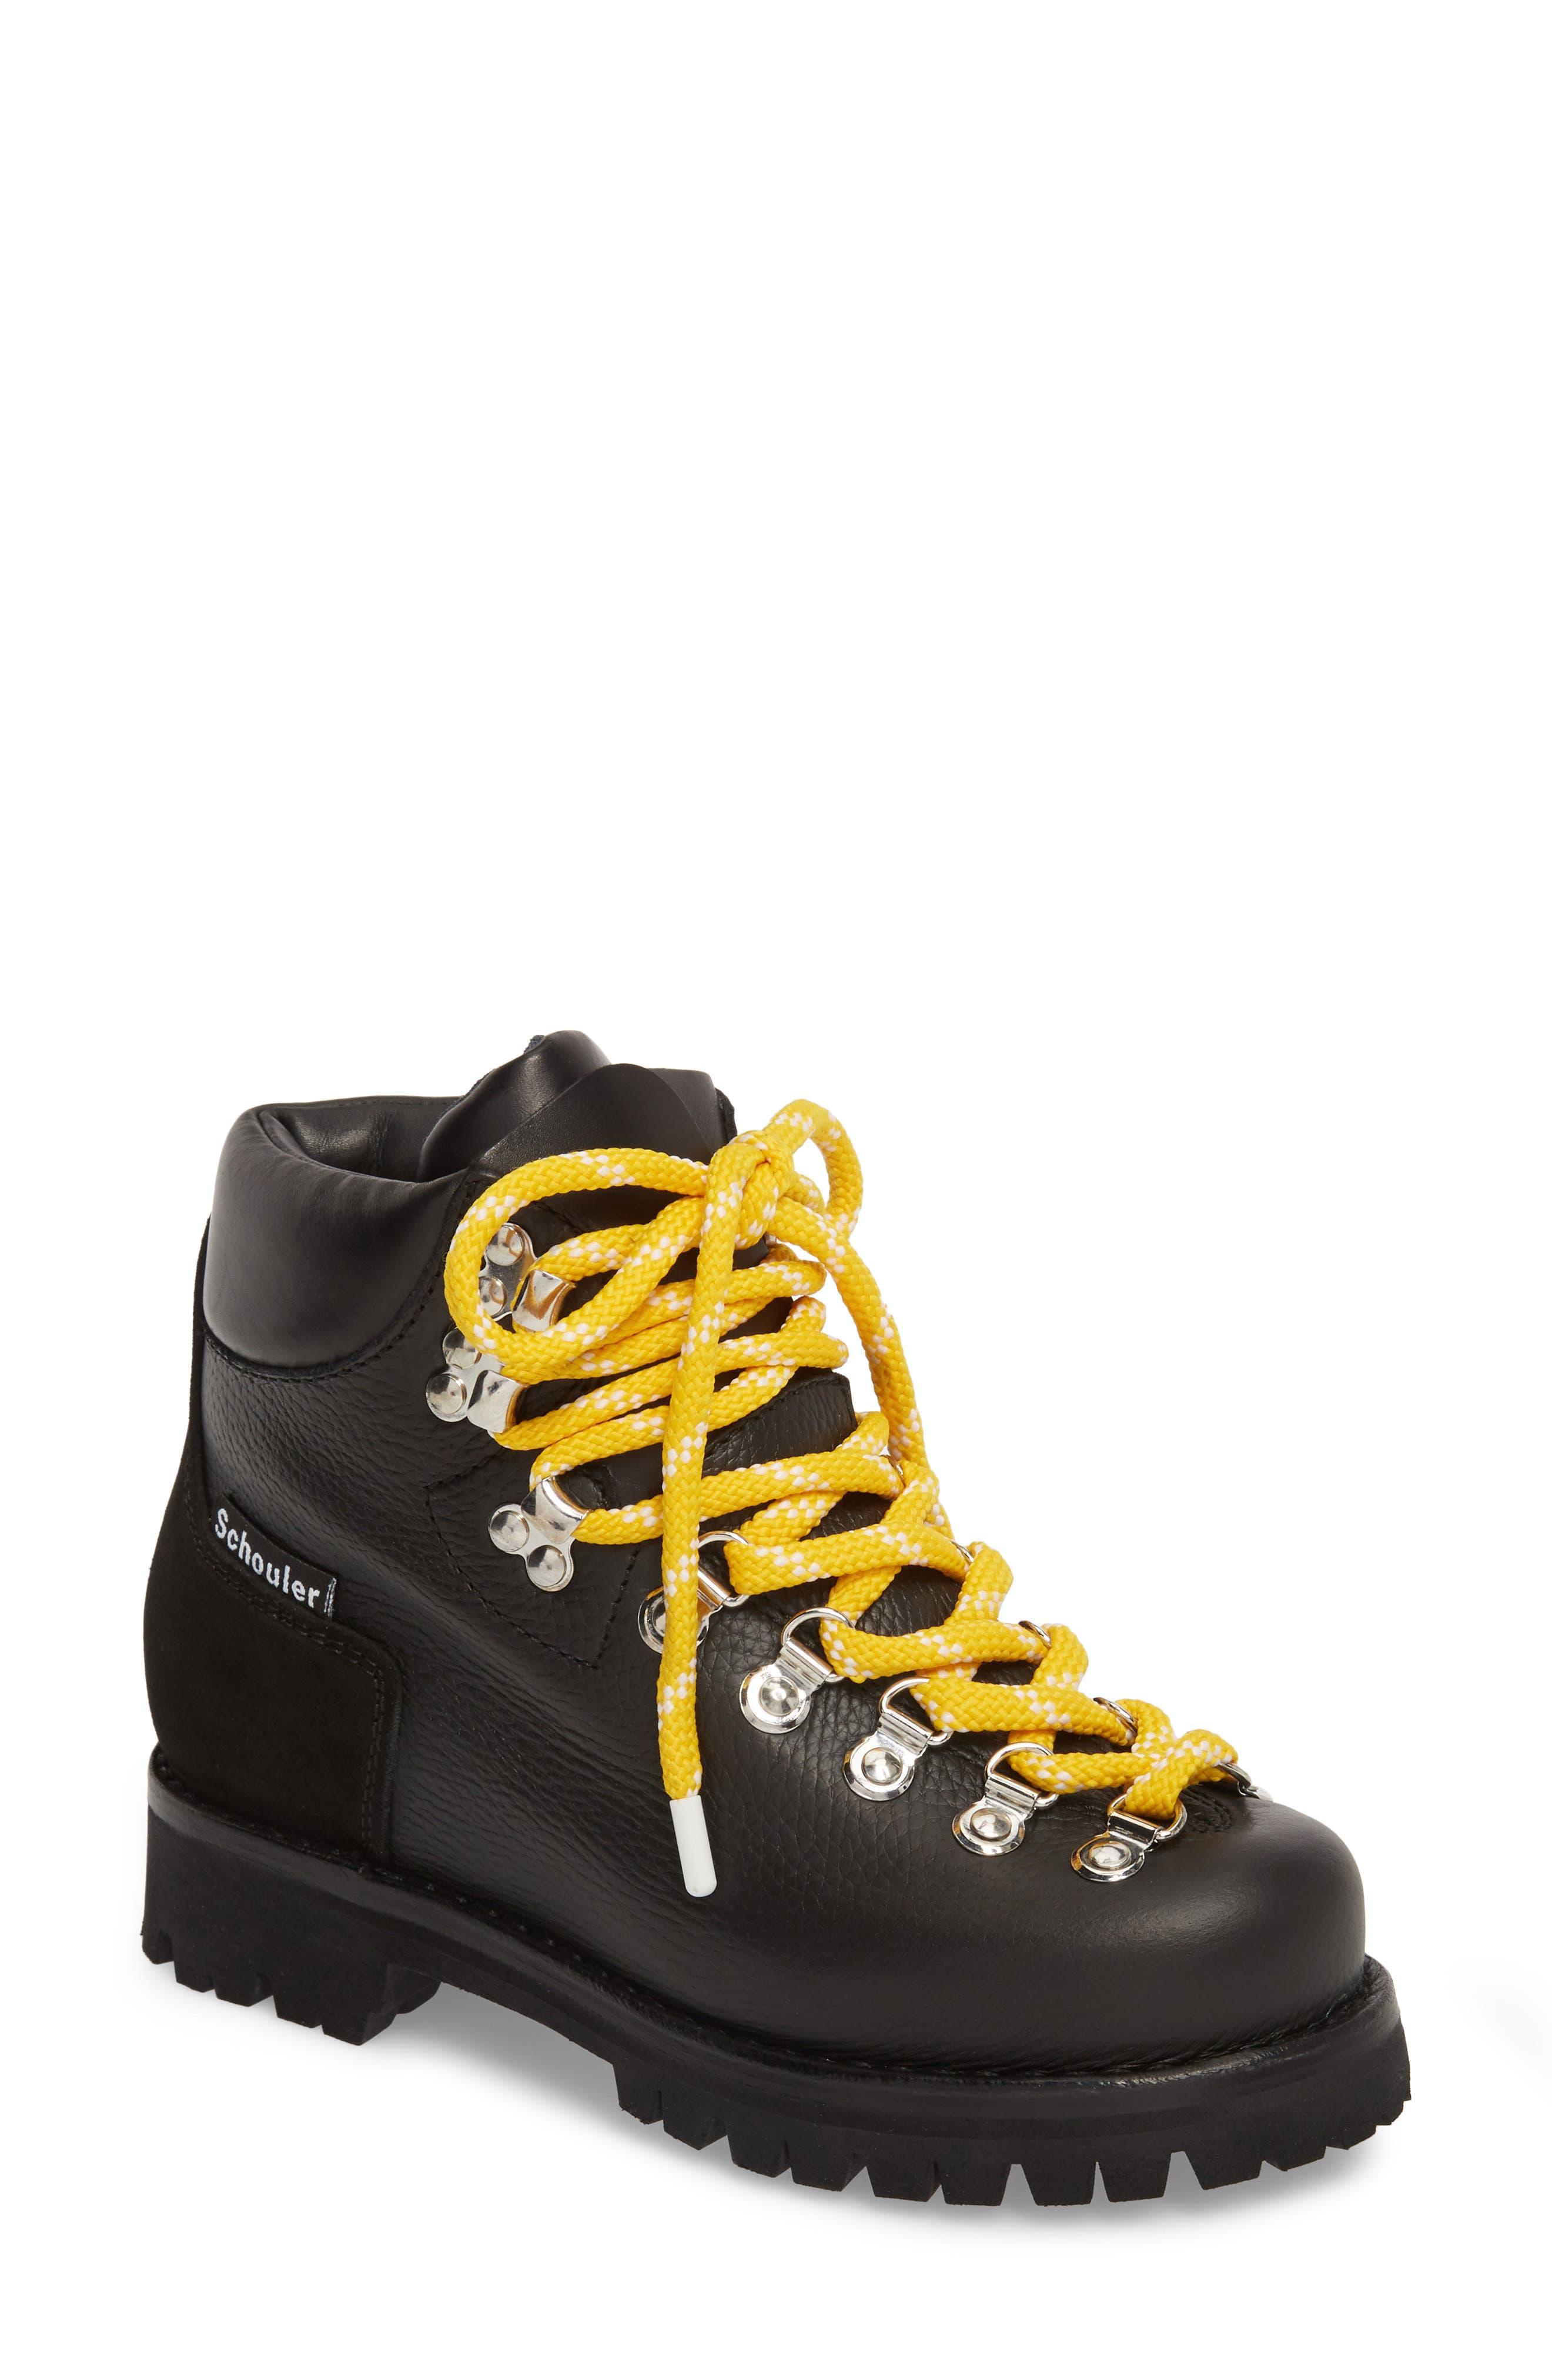 Proenza Schouler Hiker Boot, Black